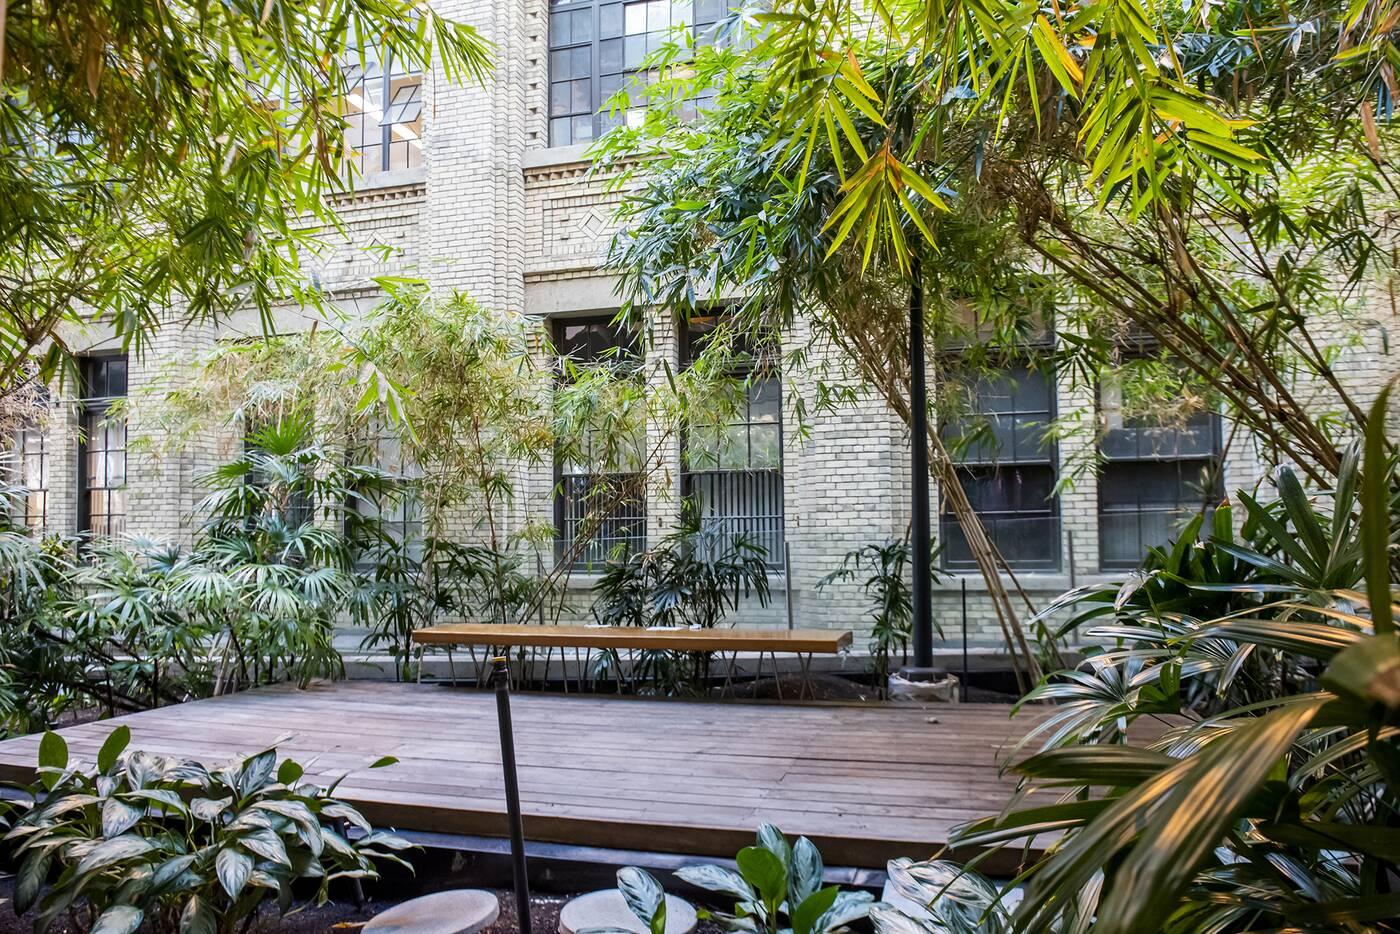 UofT bamboo garden